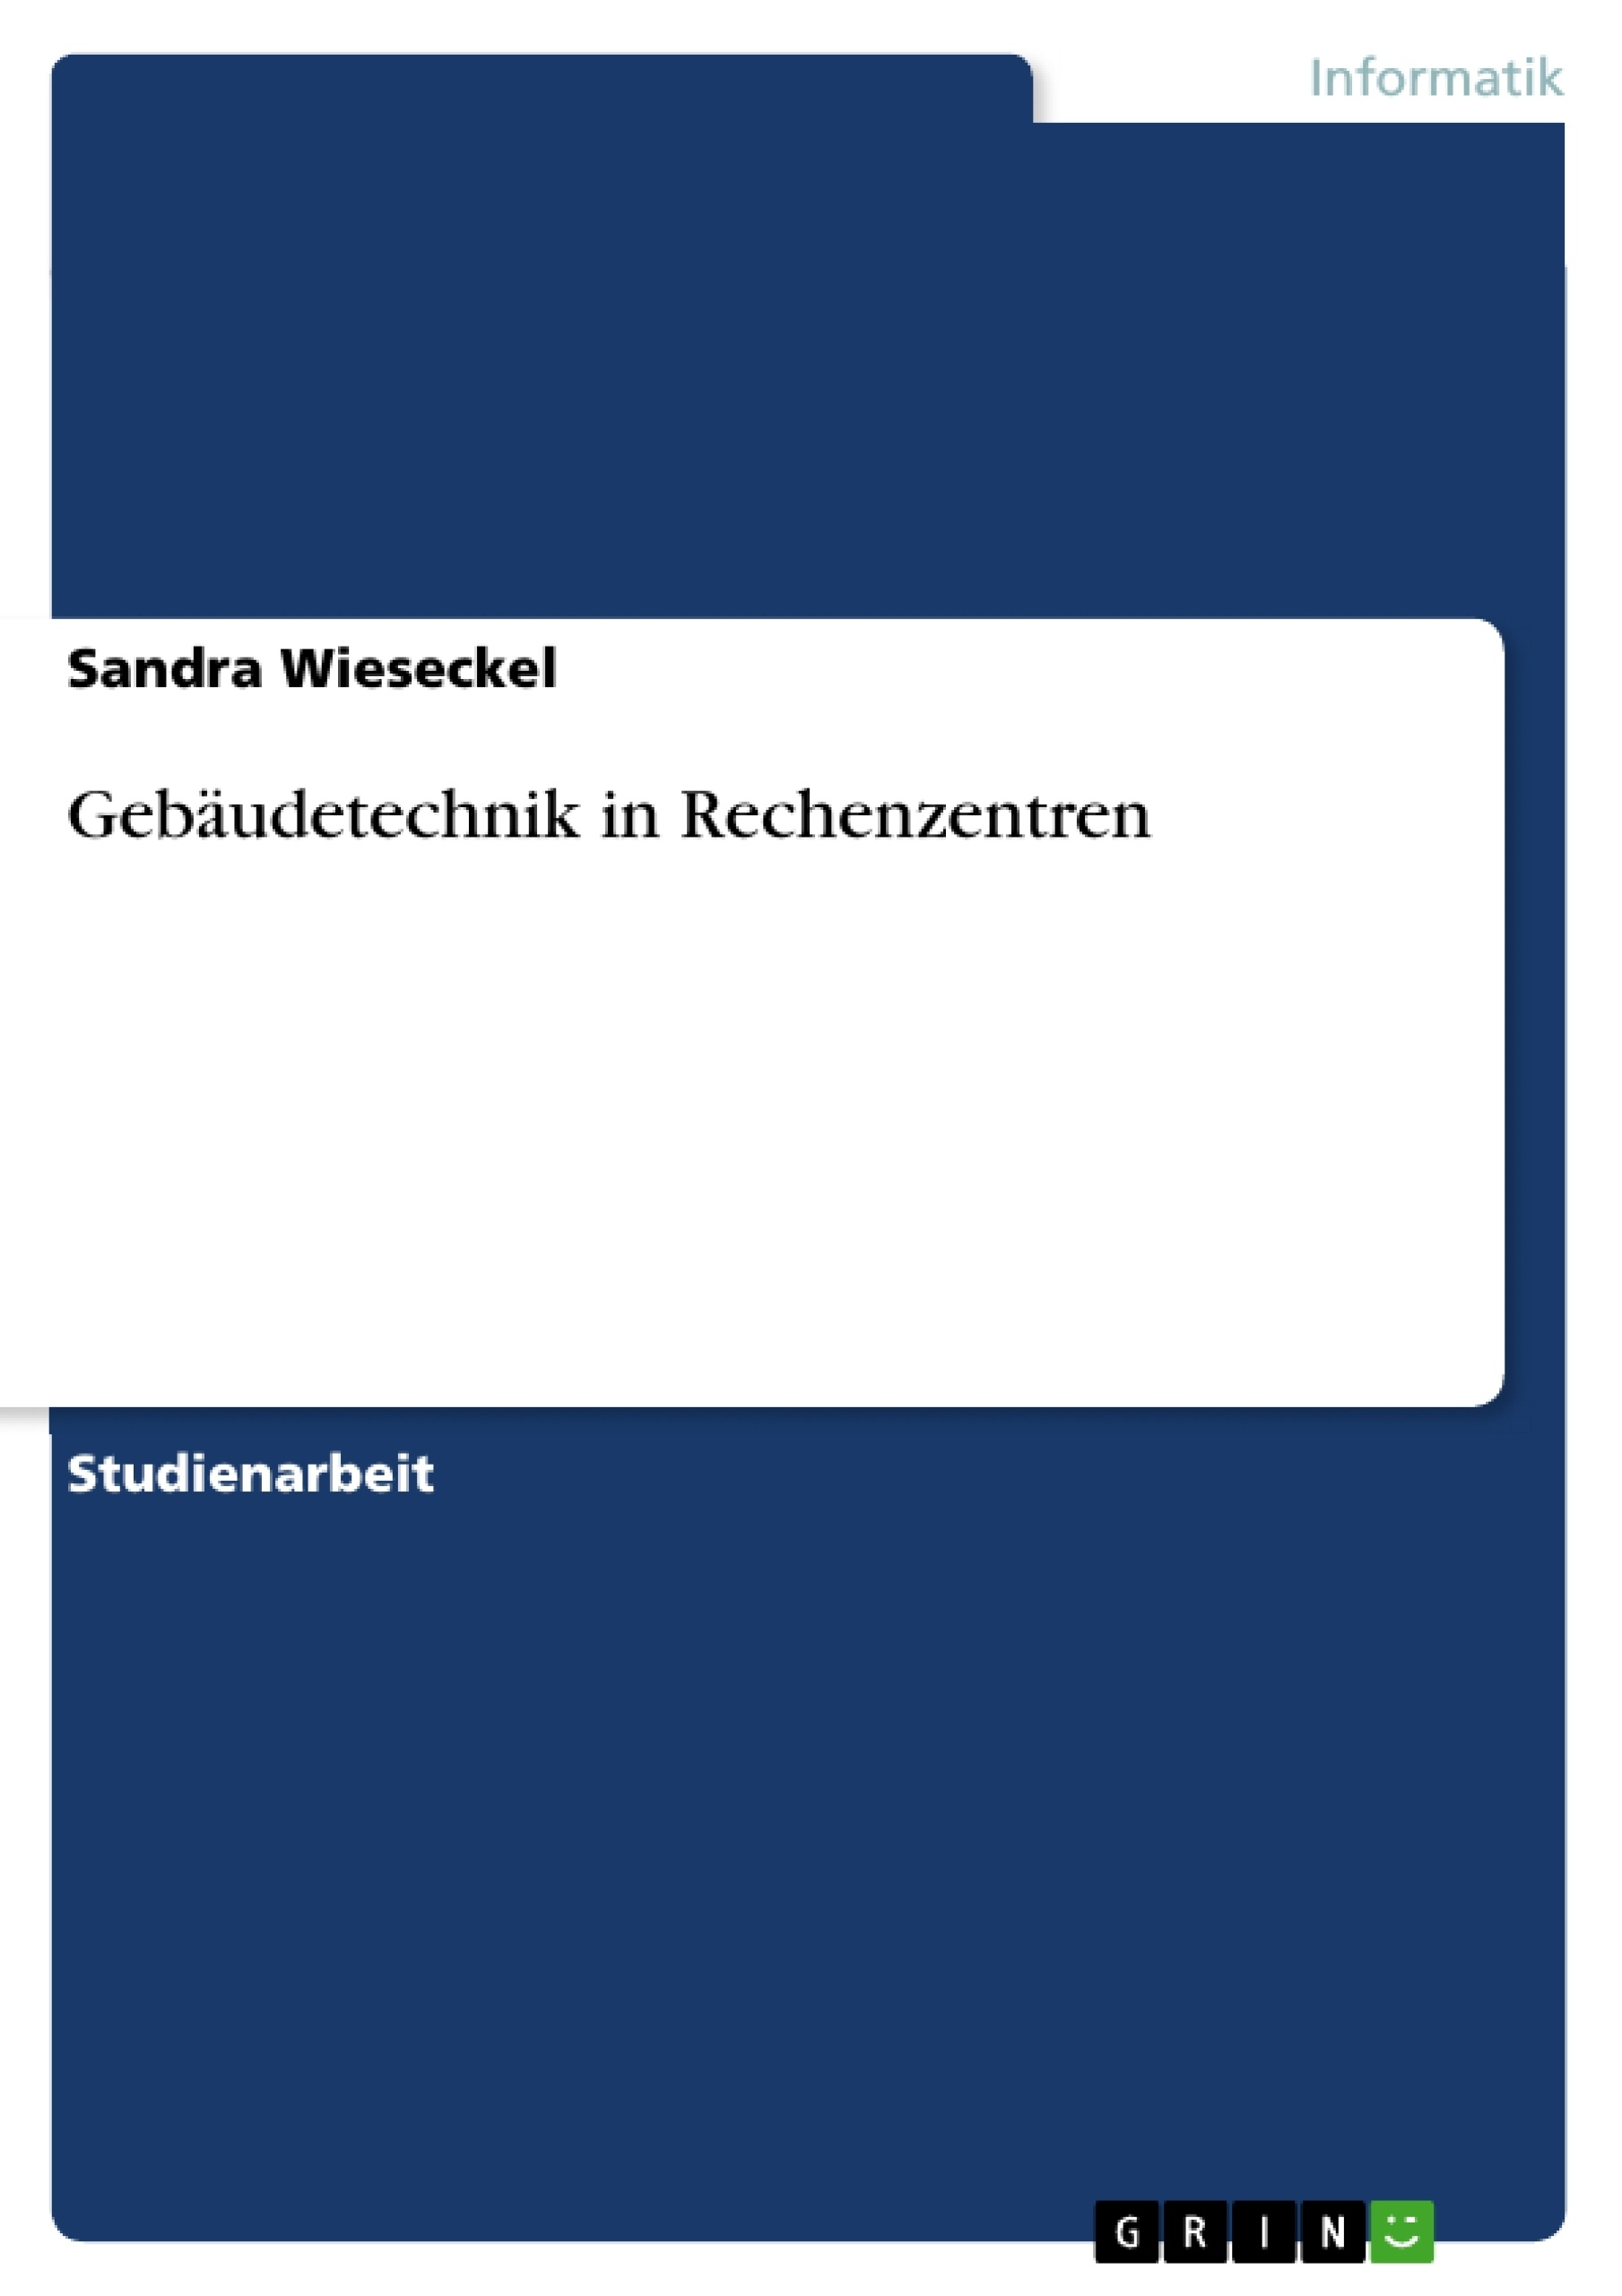 Titel: Gebäudetechnik in Rechenzentren